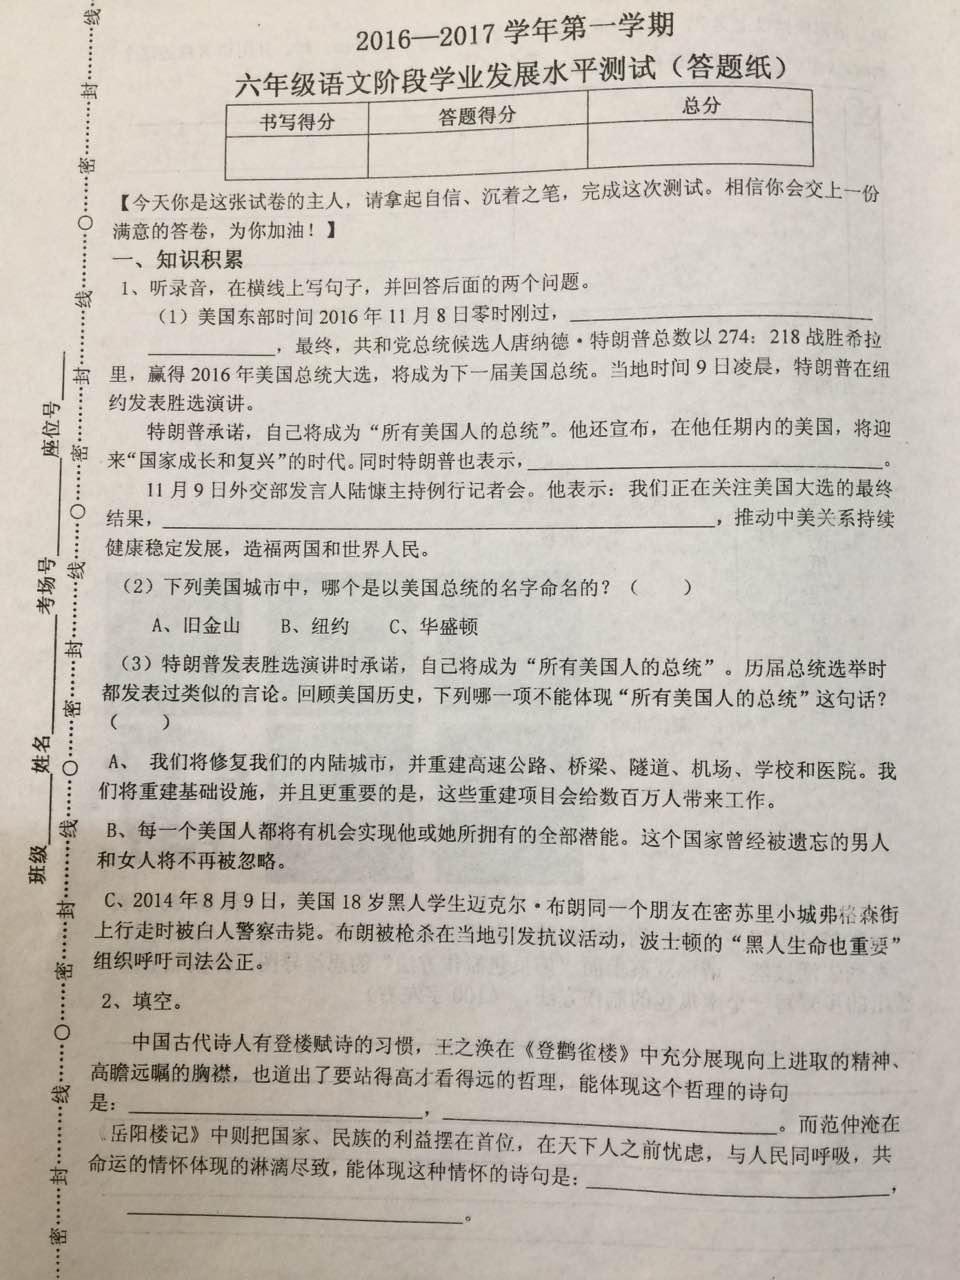 2016石家庄外国语小学期中